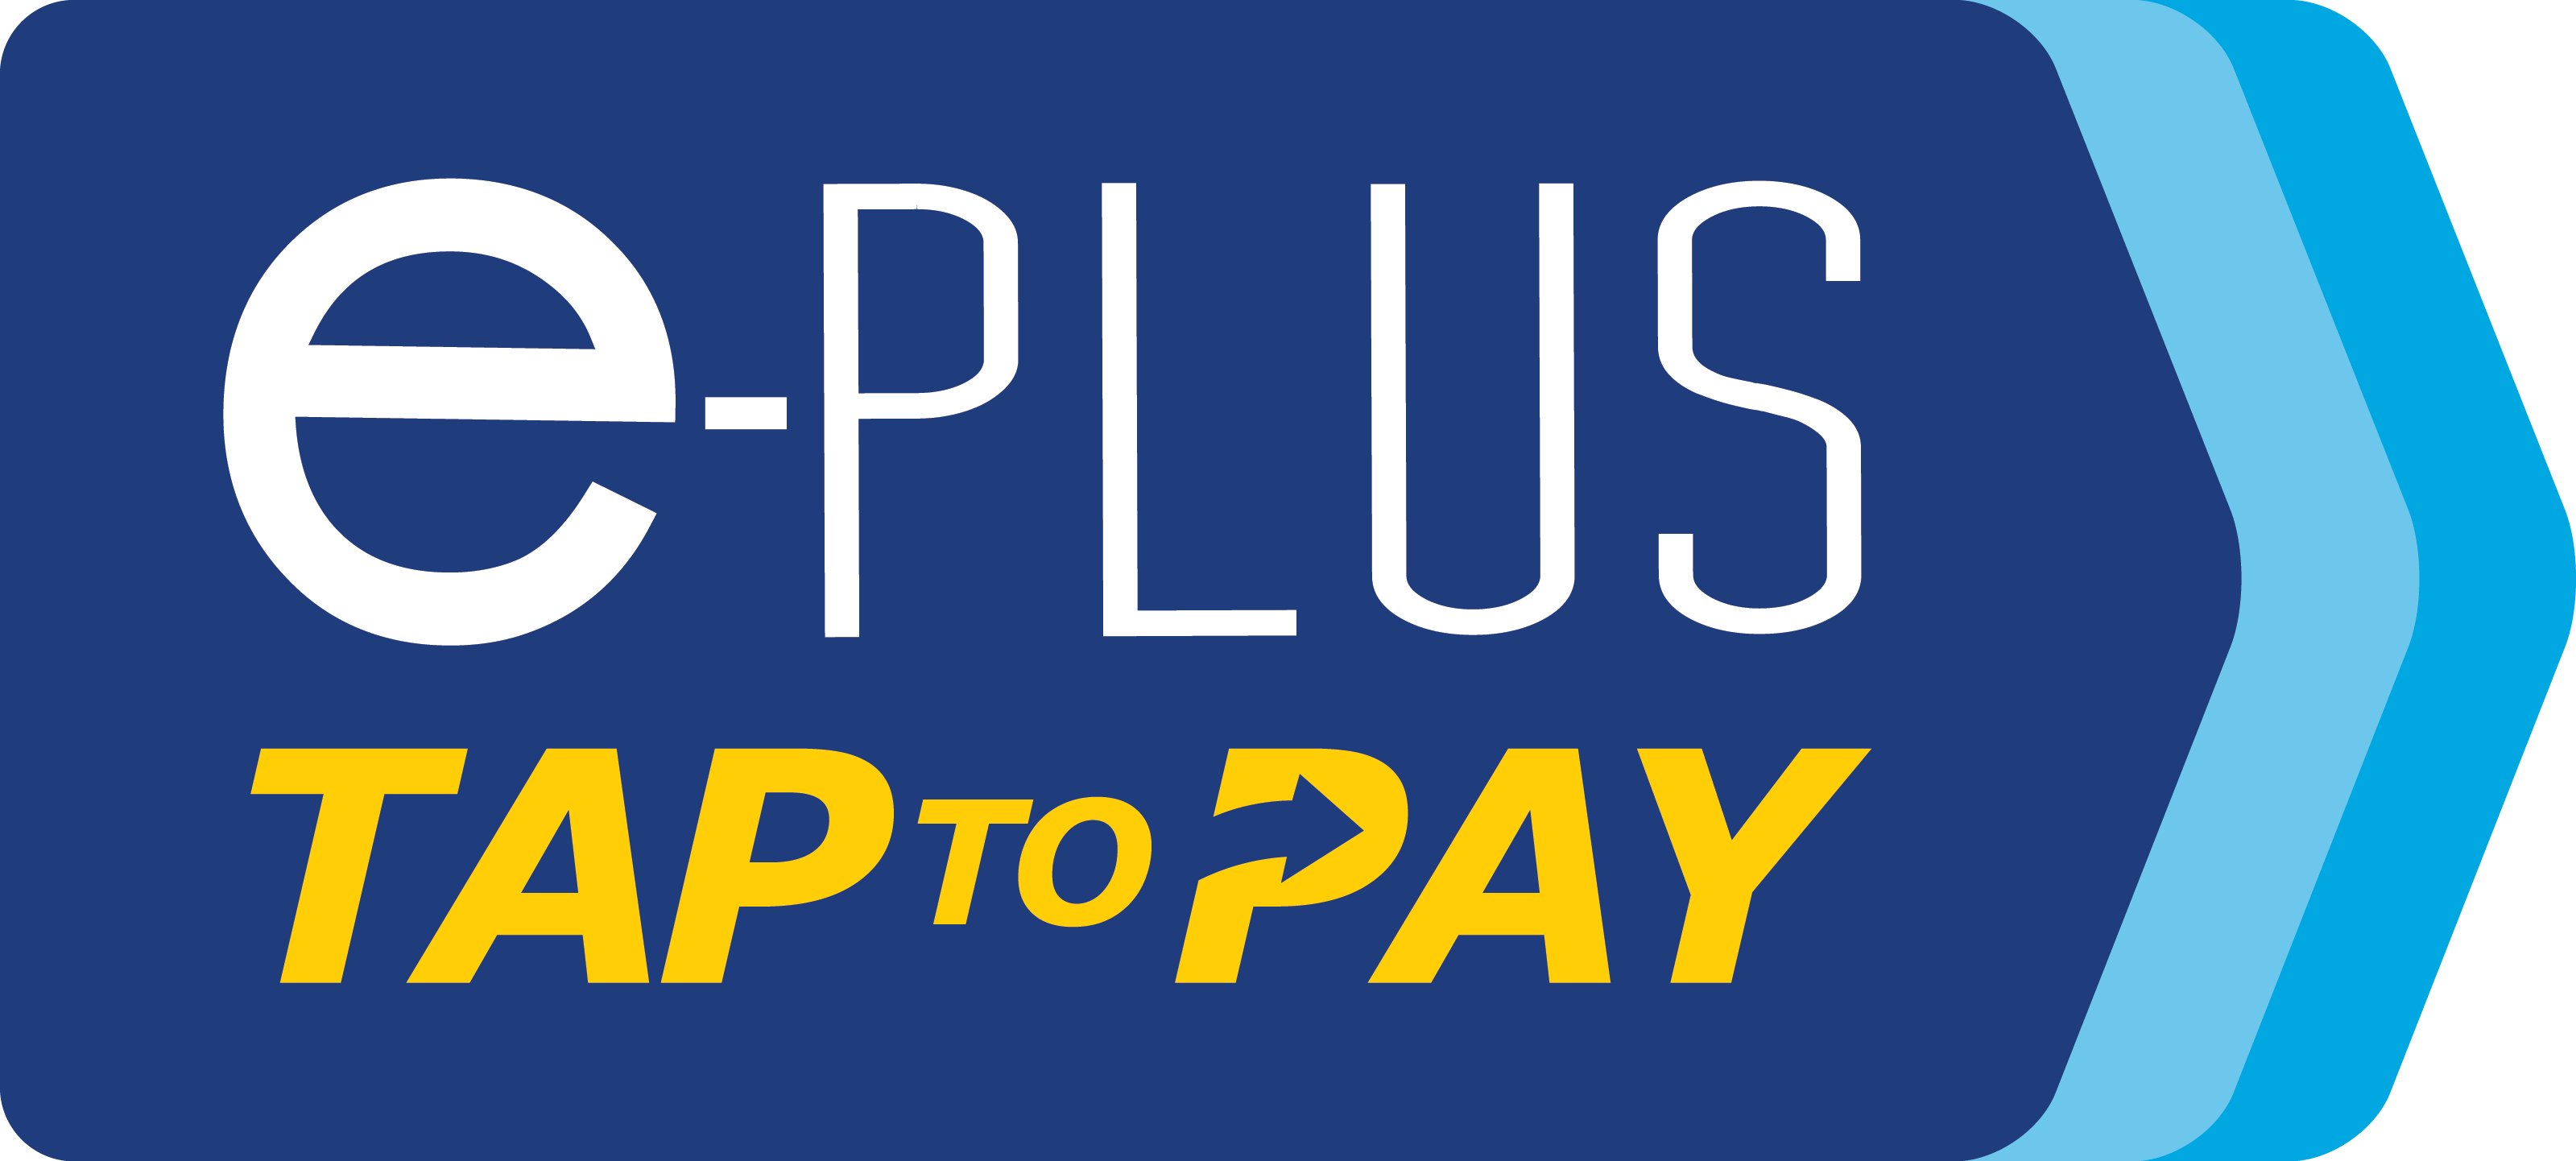 Eplus Logo